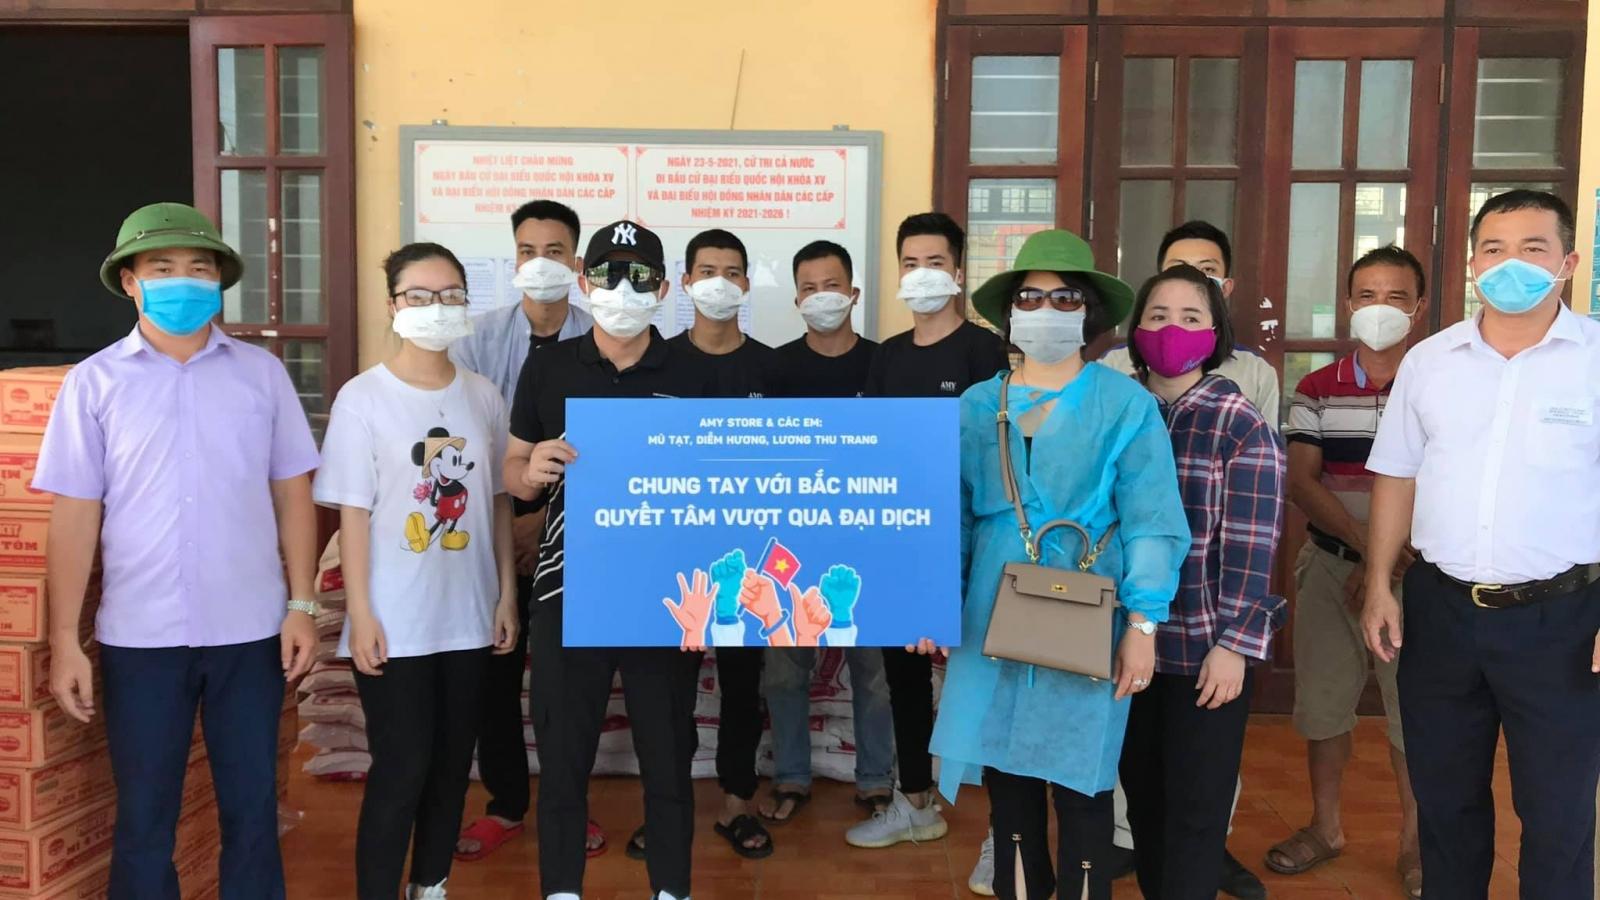 Việt Anh, Thu Trang... kêu gọi, ủng hộ Quỹ vaccine phòng Covid-19